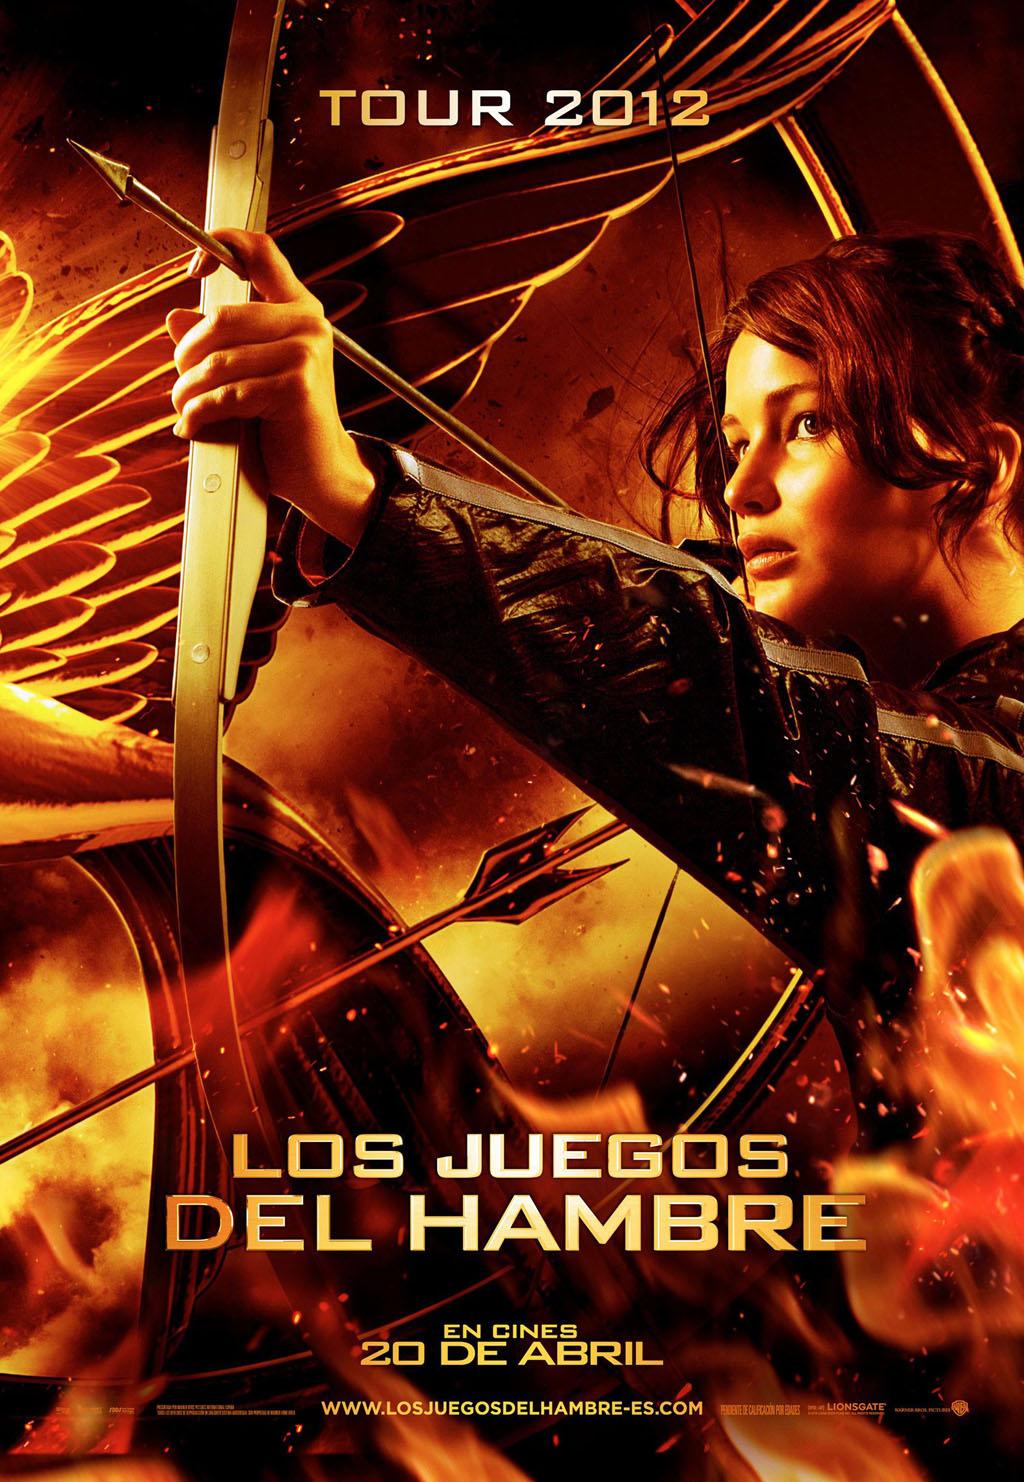 Los Juegos del Hambre [2012] [DvdRip] [Español Latino] [PL-TB]